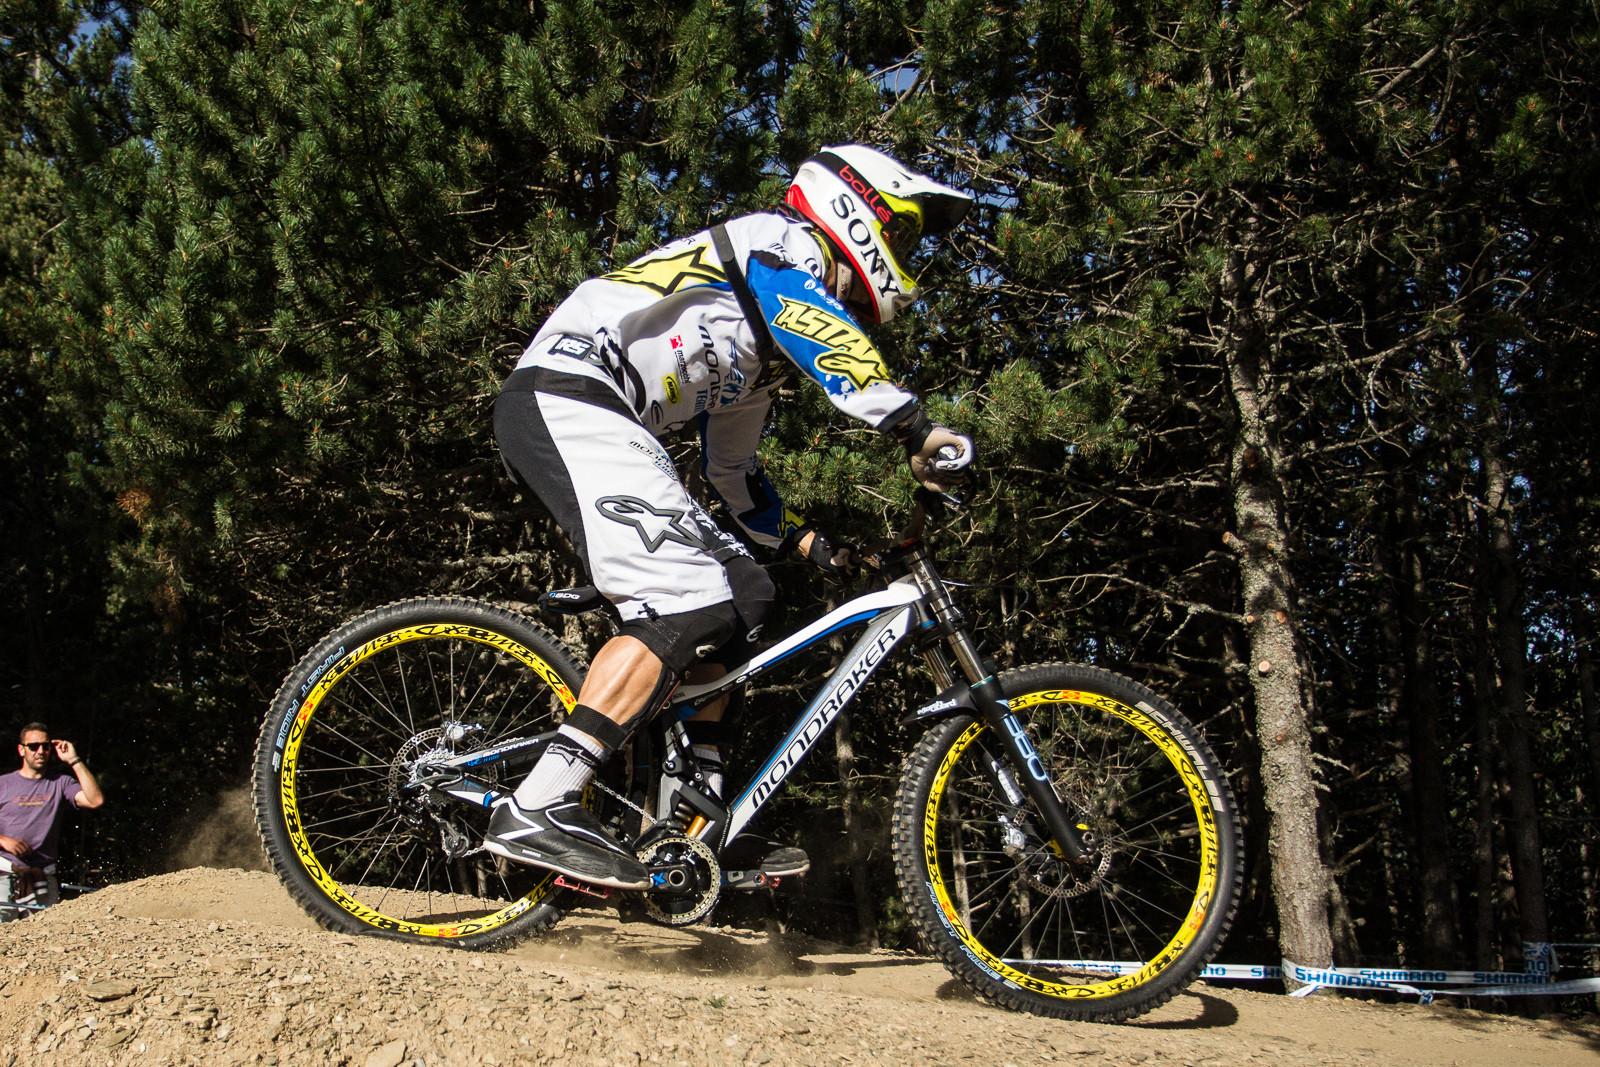 Mondraker Summum G-Out at Andorra World Cup - G-Out Project: 2013 Andorra World Cup - Mountain Biking Pictures - Vital MTB